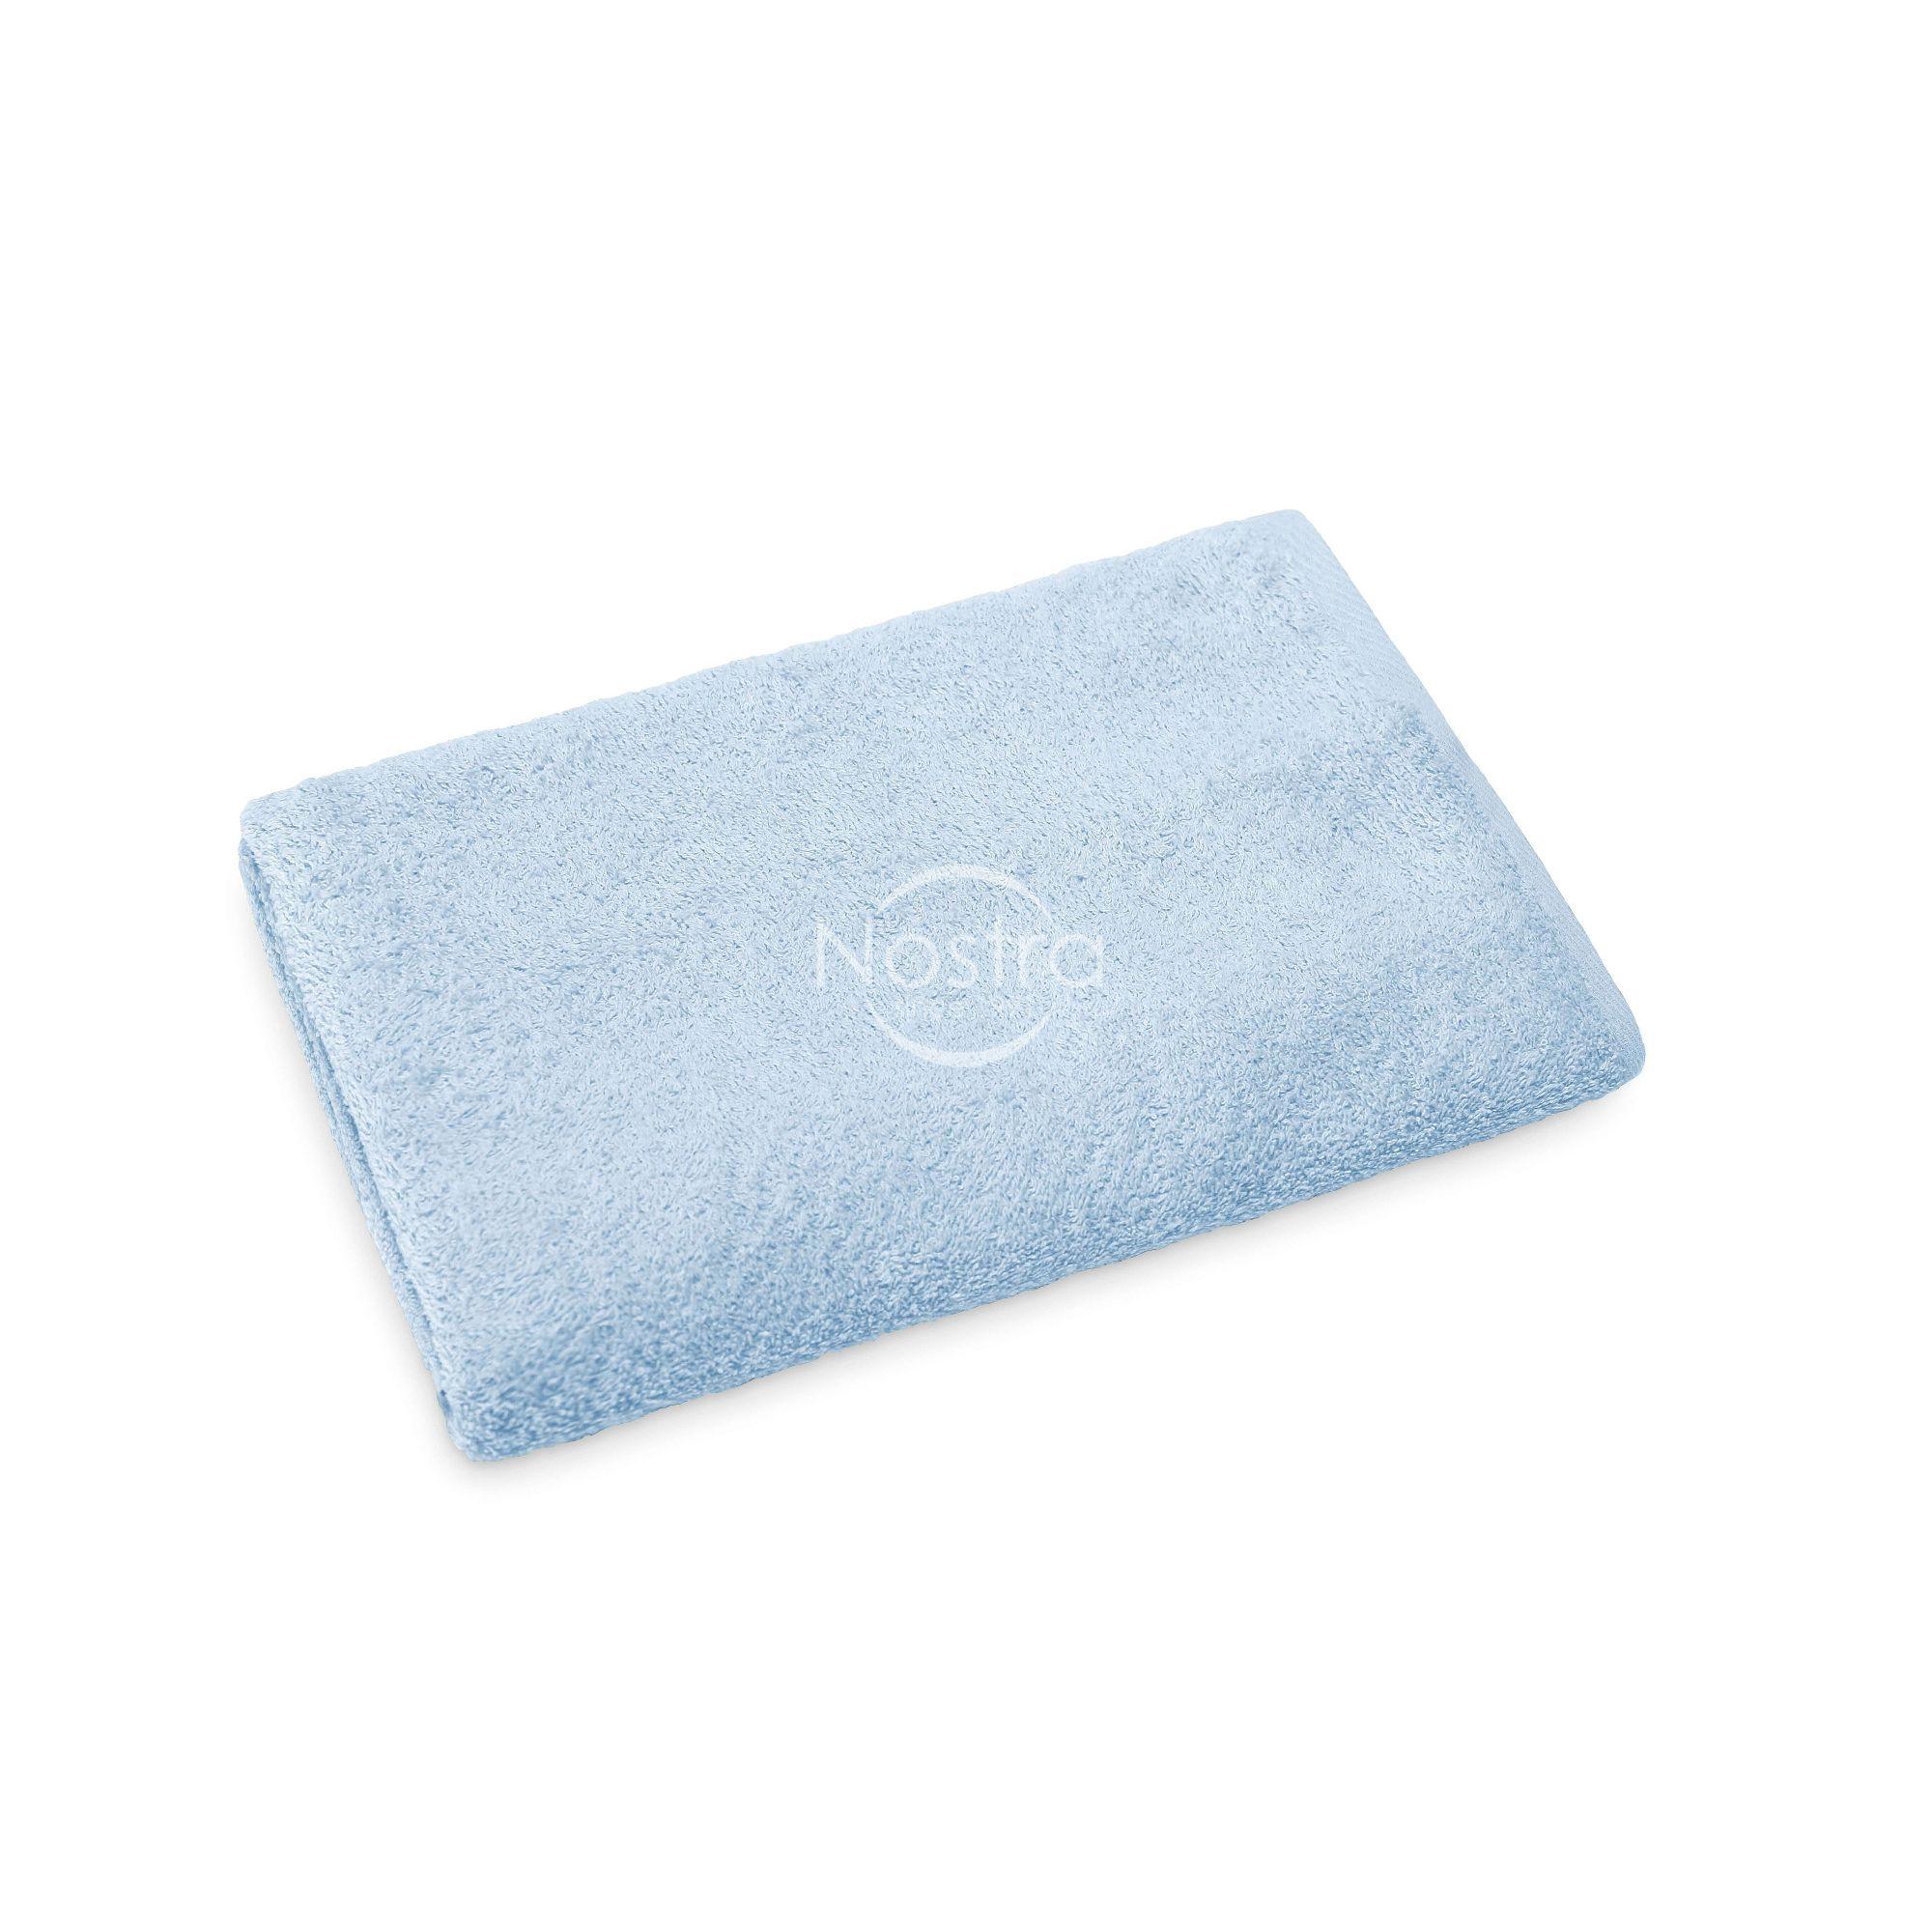 Dvielis 380 g/m2 380-SOFT BLUE 268